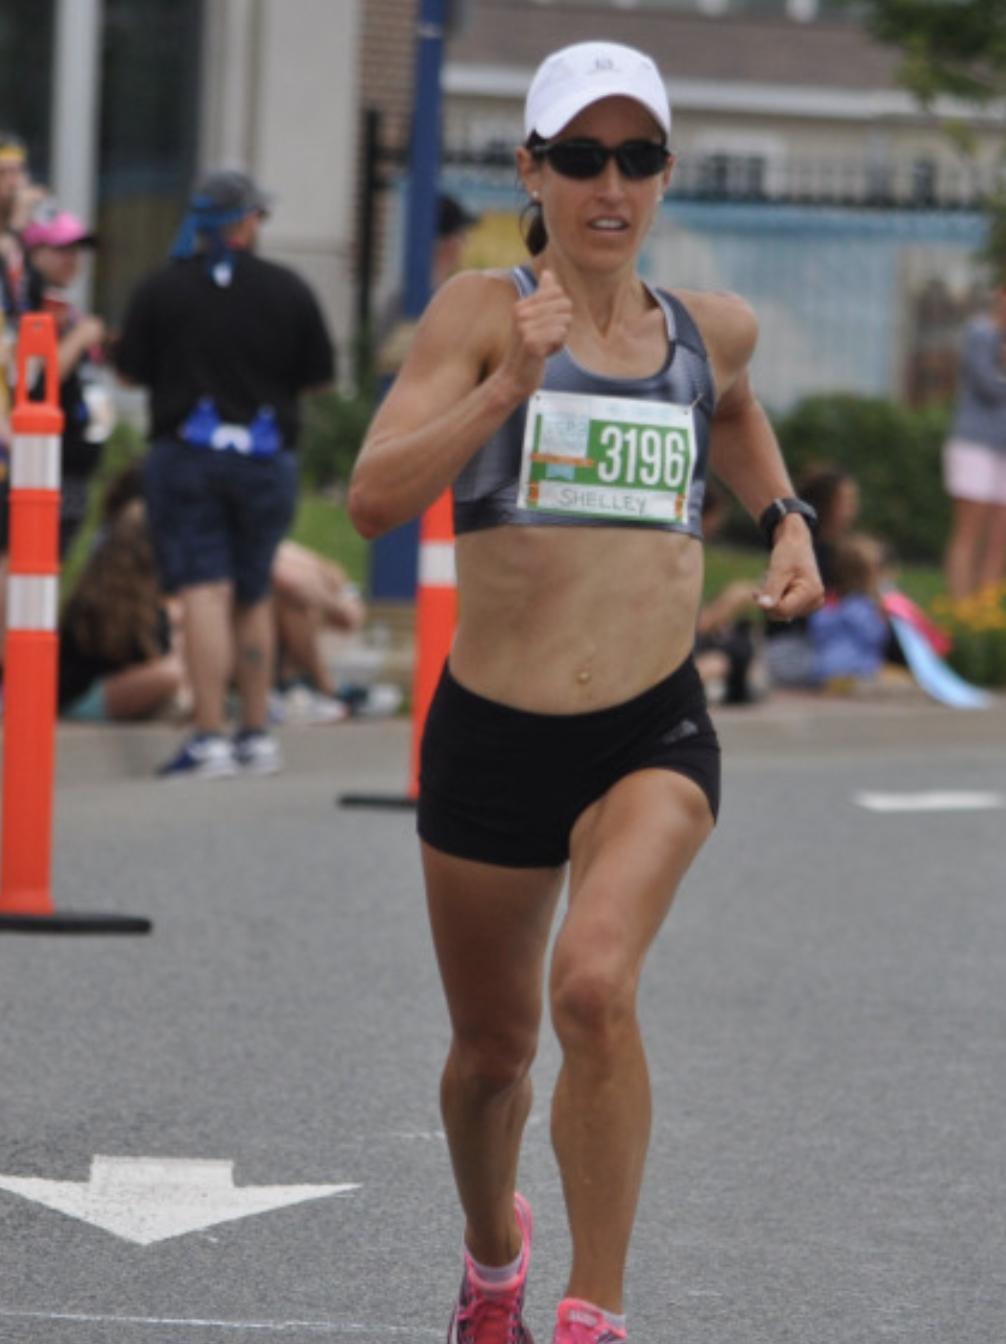 Shelley Marathon by the Sea 2018